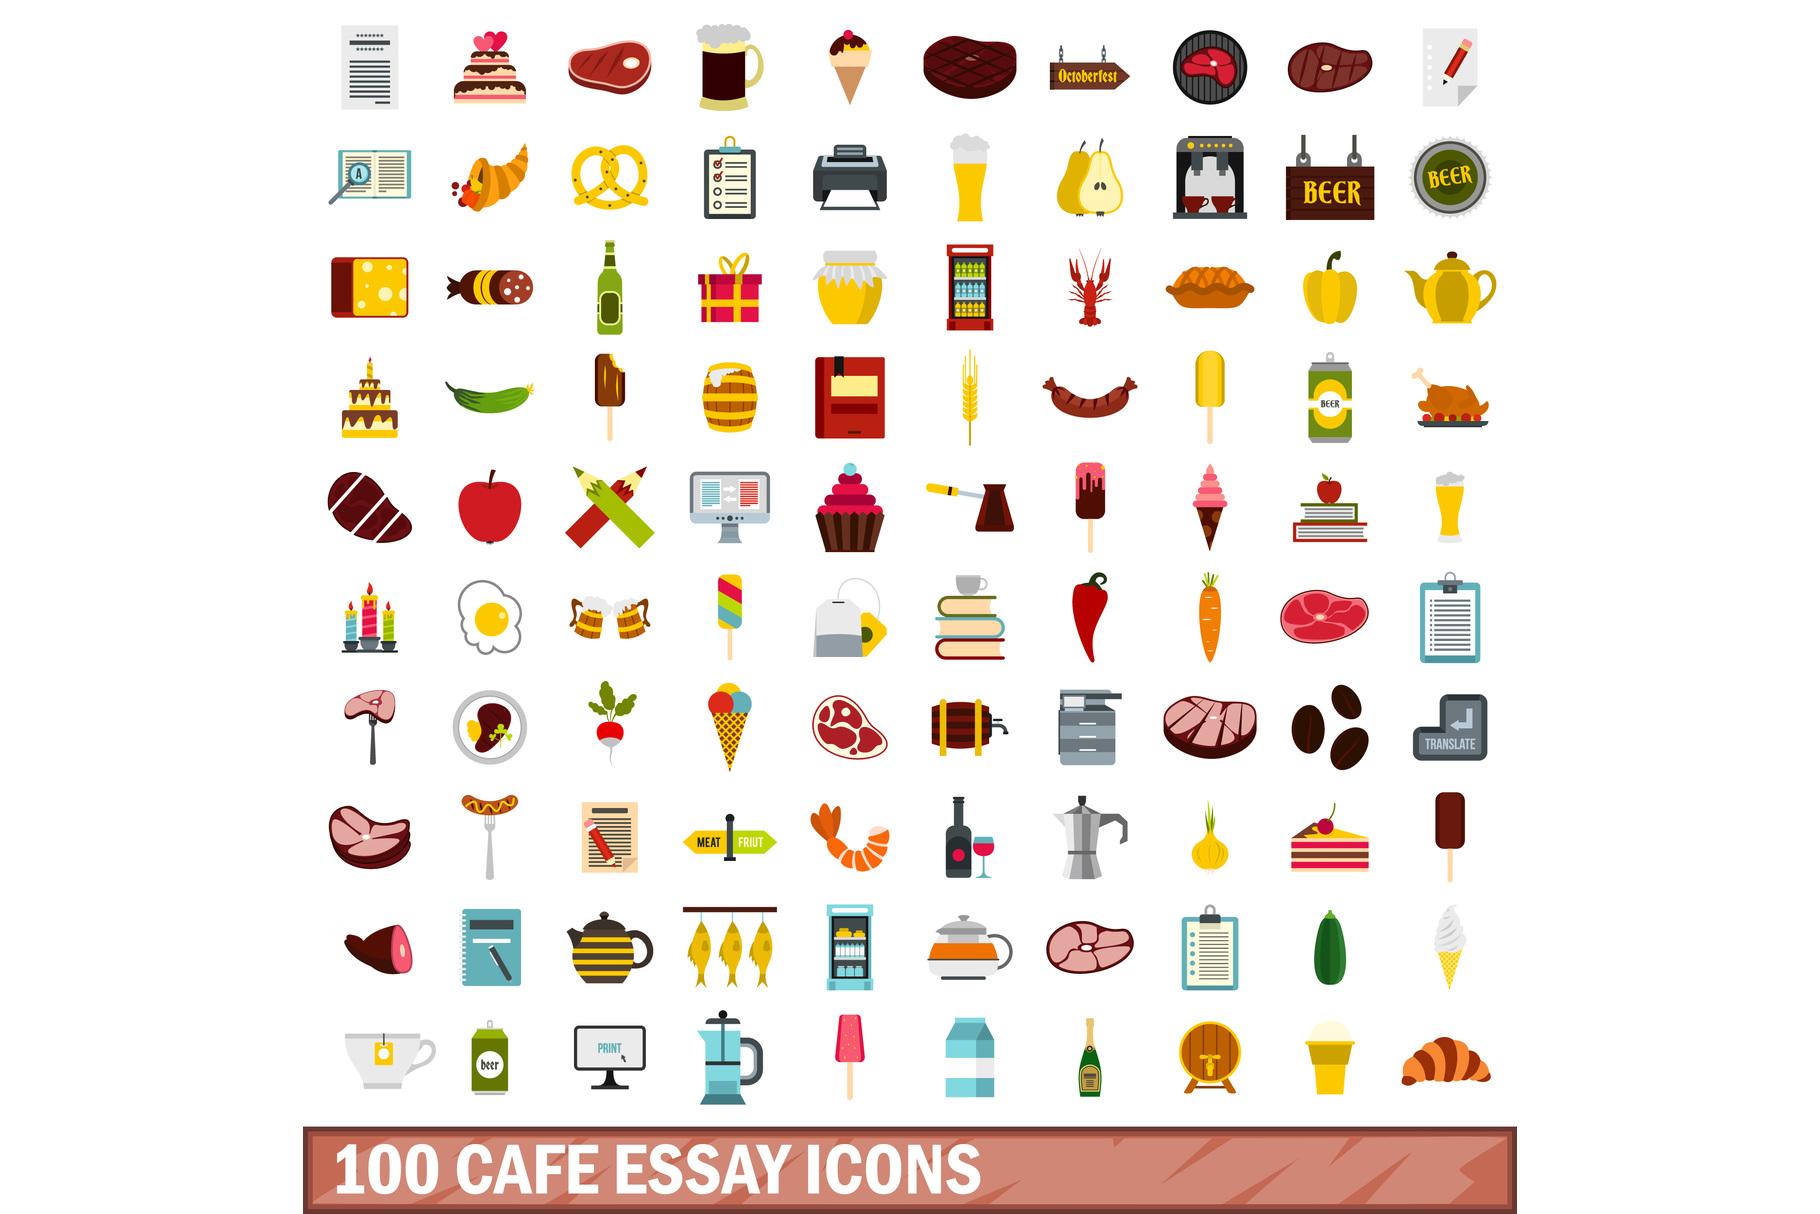 100 cafe essay icons set, flat style example image 1